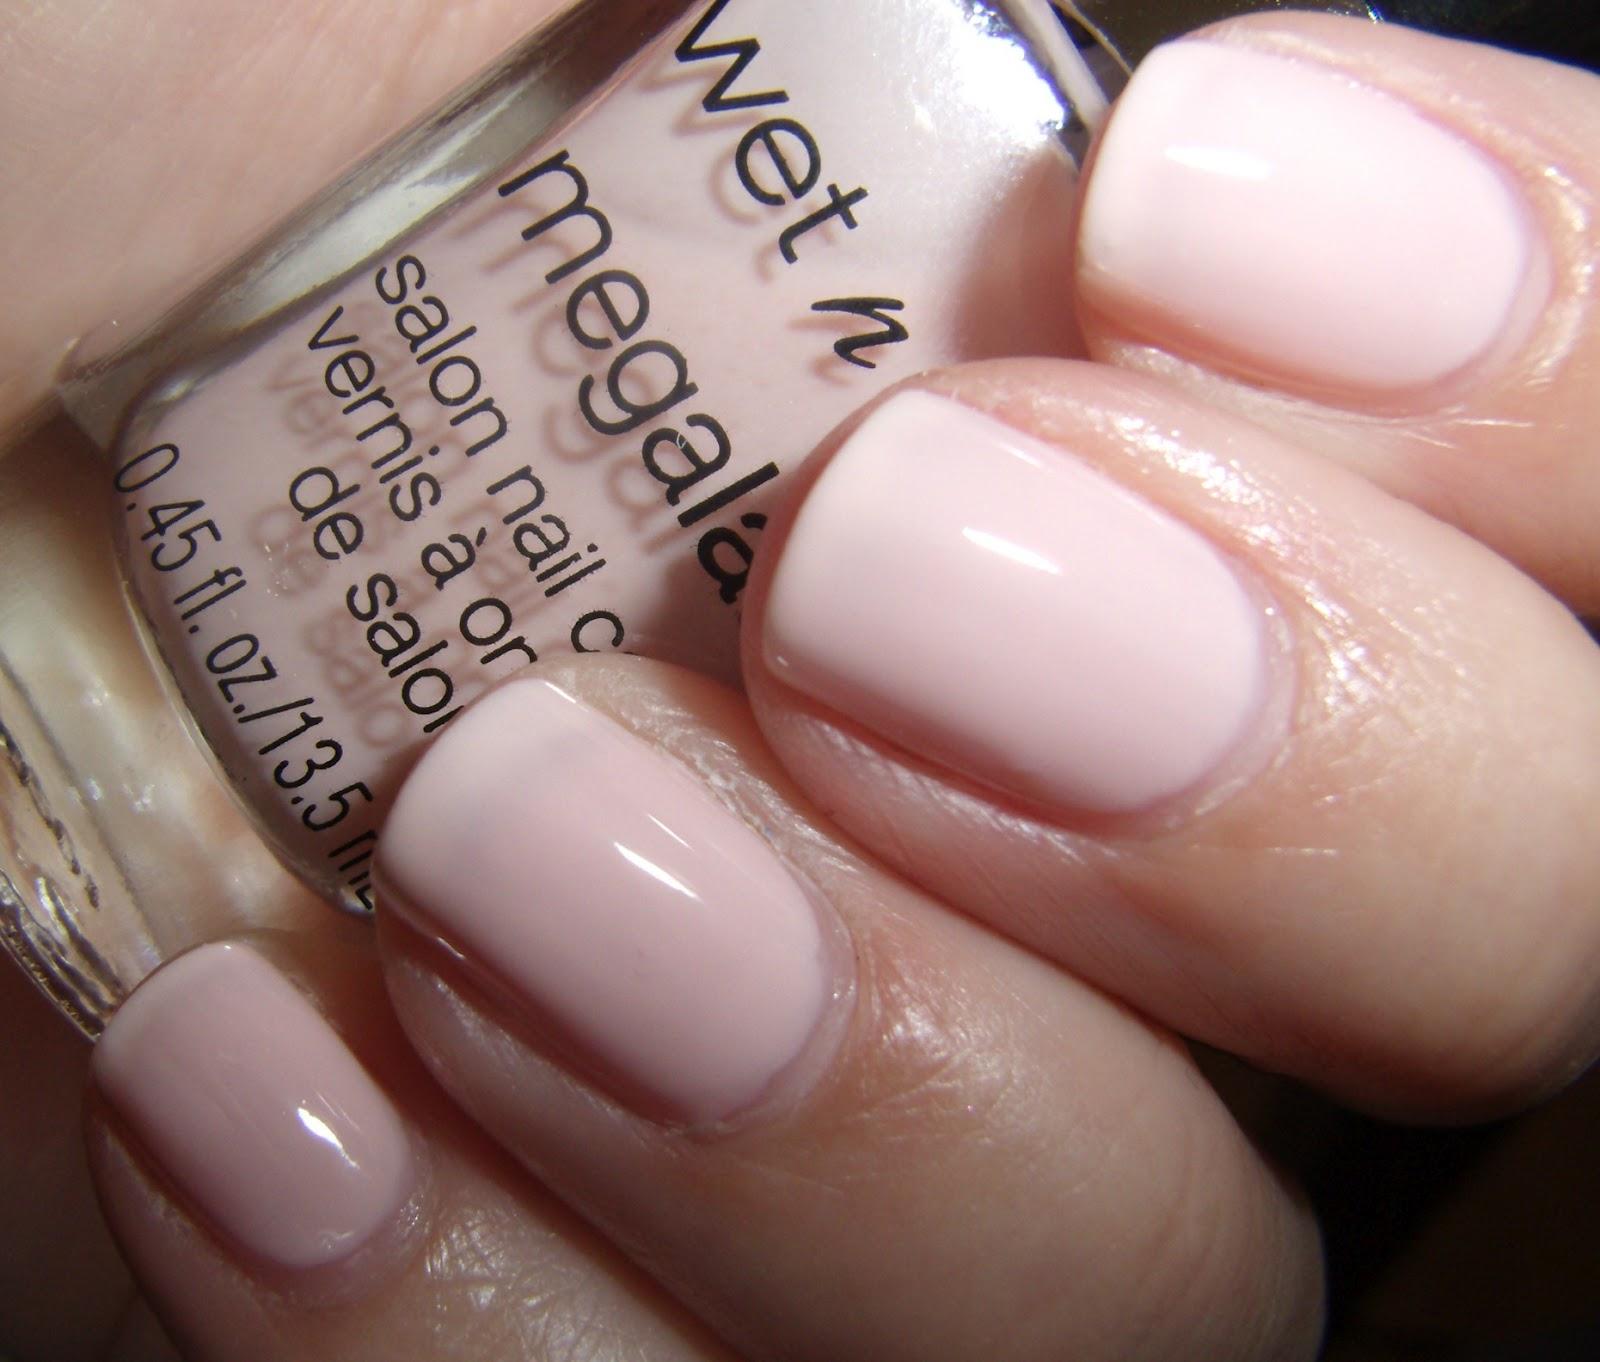 """Pink Nail Polish Top Coat: Obsessive Cosmetic Hoarders Unite!: Spoiled """"Jewelry Heist"""